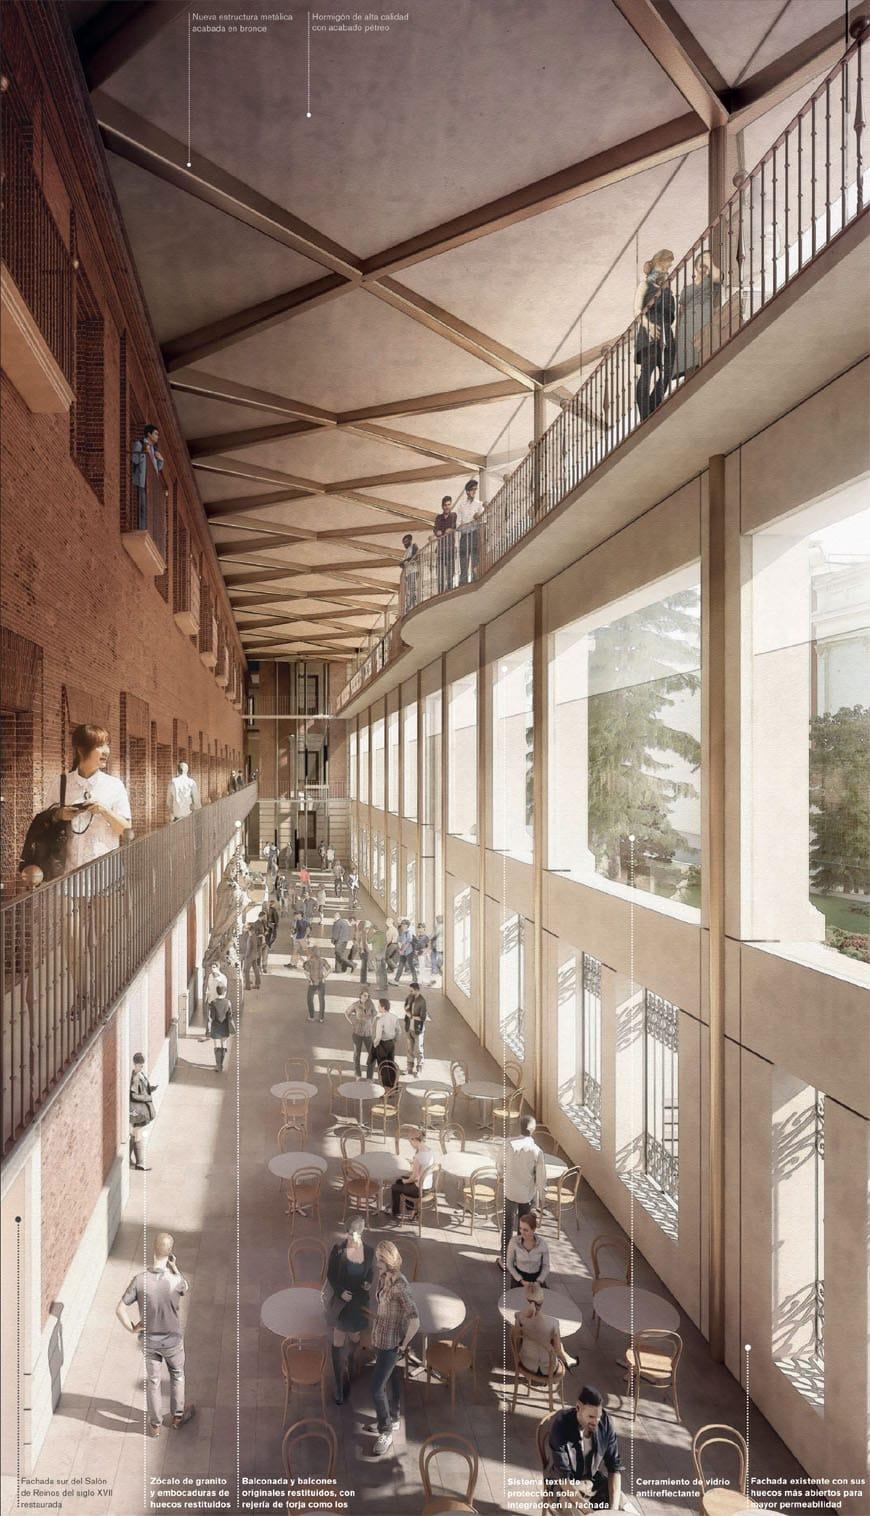 Prado-Architectural-Competition-Foster-Rubio-07